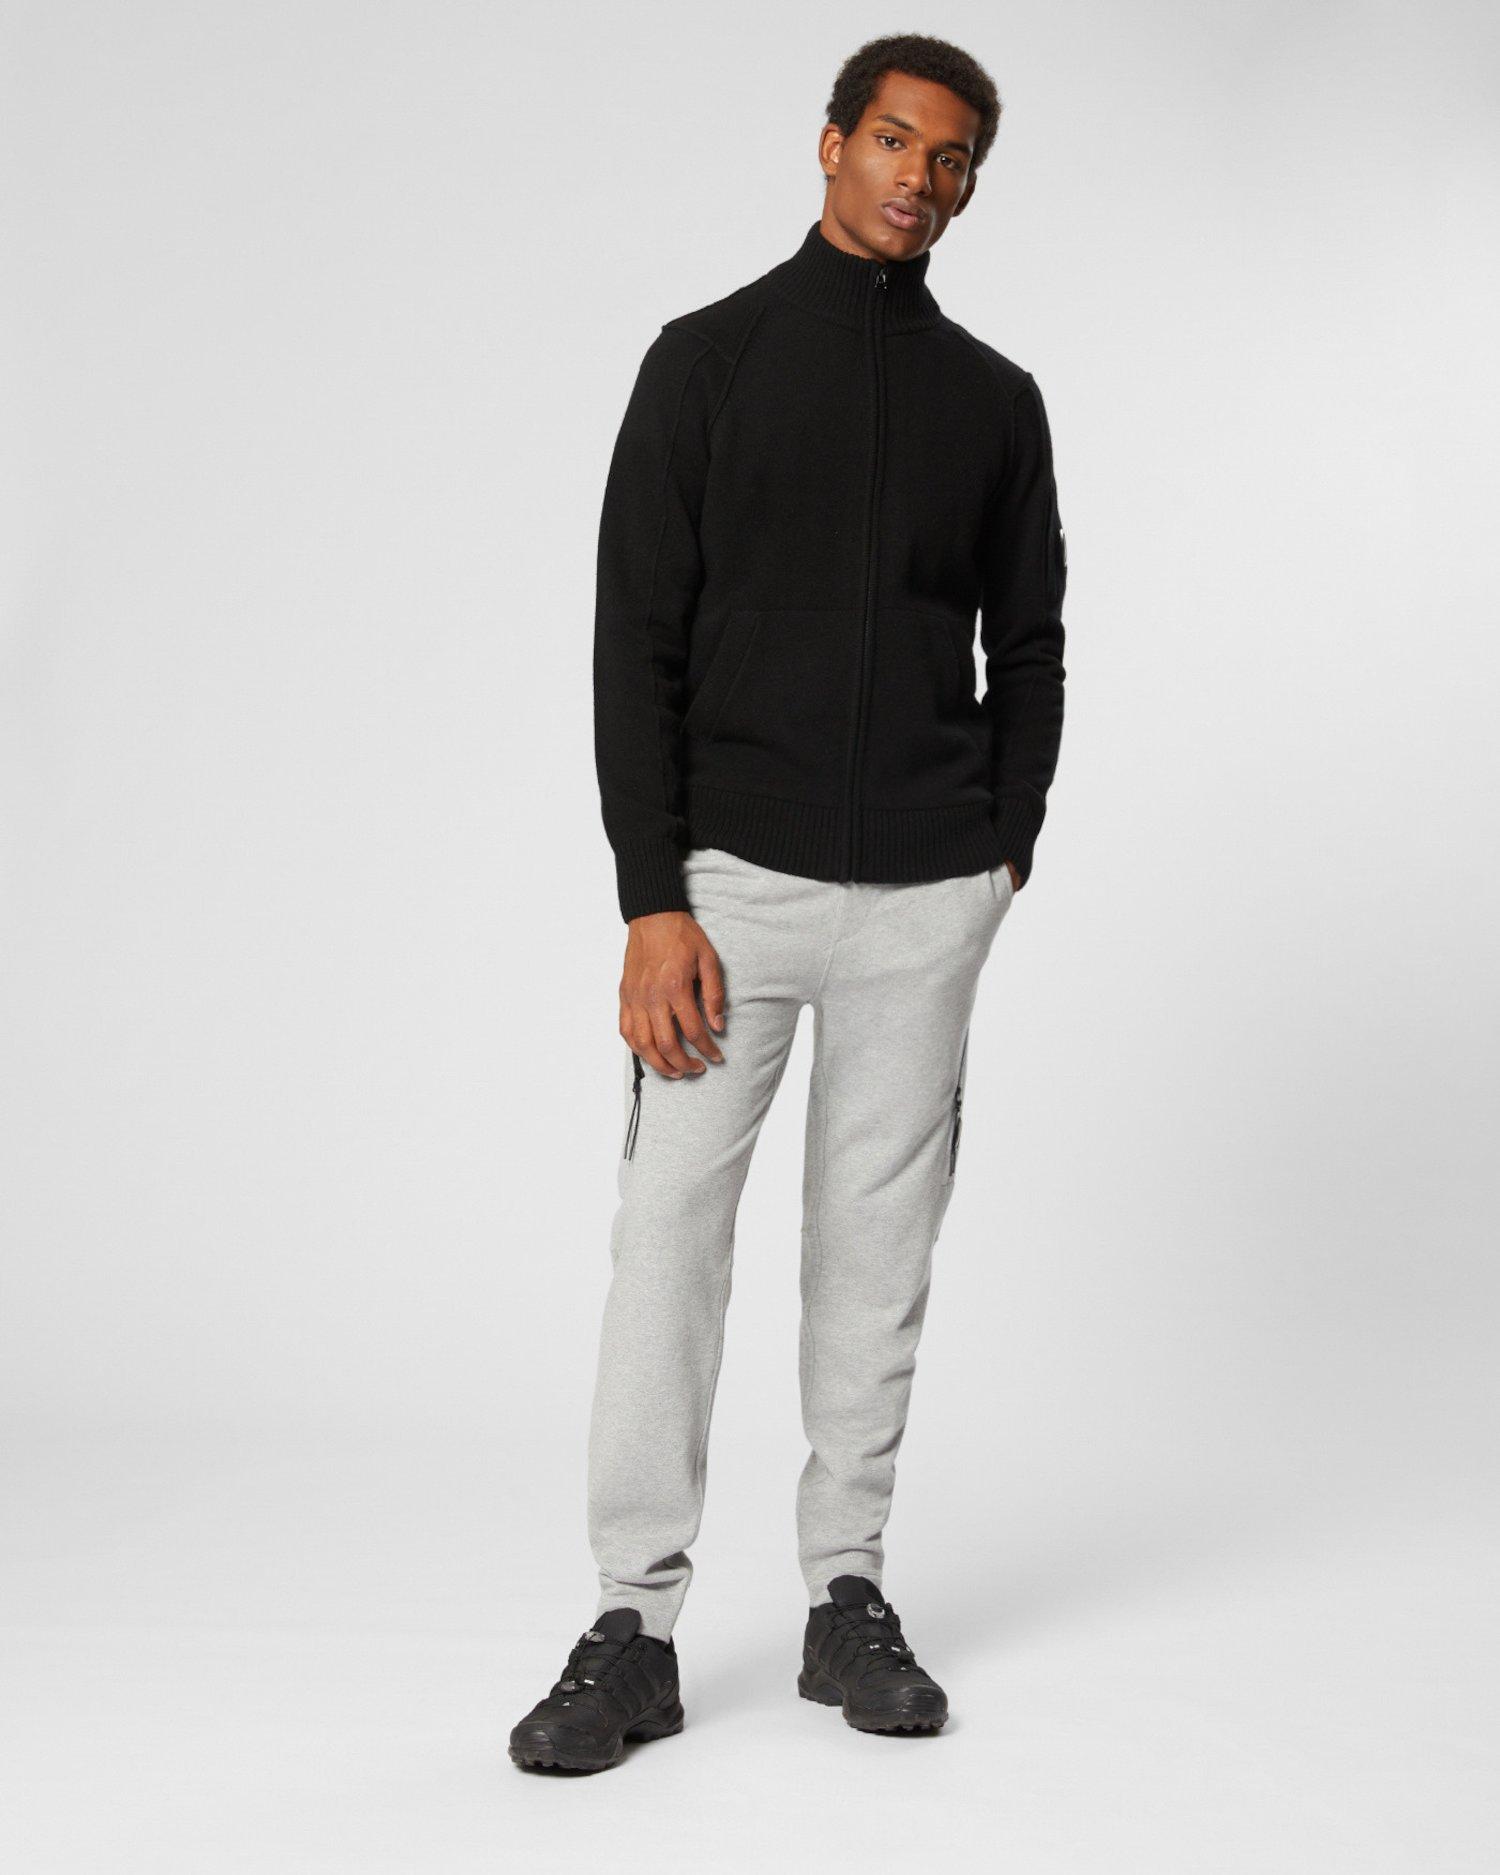 Pullover aus Lammwolle mit durchgehendem Reißverschluss